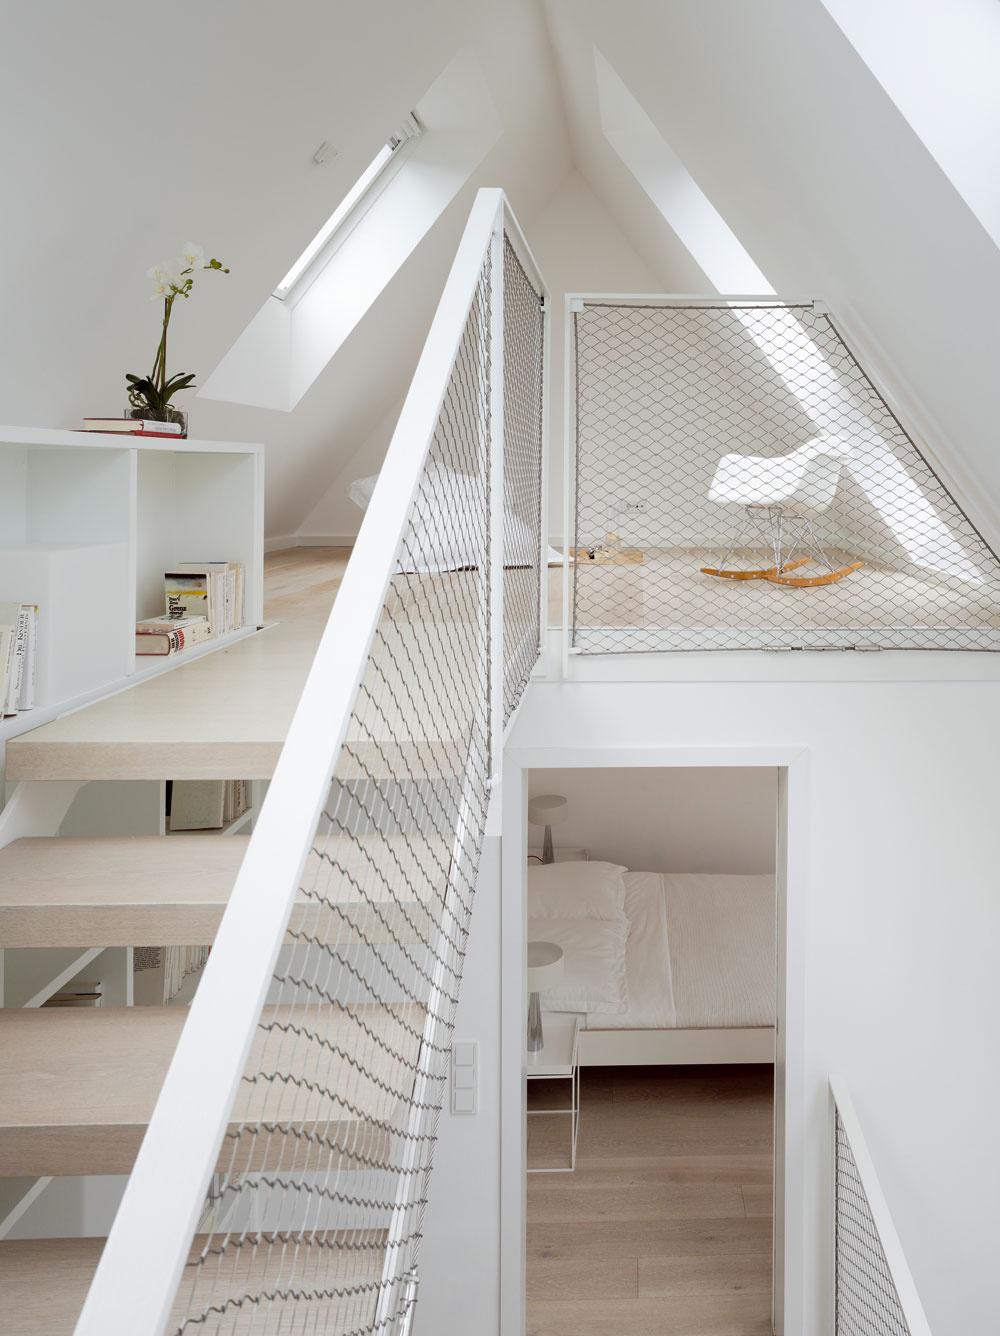 Asi všetci už uverili, že snašou spotrebou energie treba niečo robiť, a40%,ktoré spotrebujú budovy, je naozaj podstatné číslo. Ibaže vbudovách trávime viac než 80 % času, atak je logickou požiadavkou, aby úspory nešli na úkor komfortu. Rodinný dom vnemeckom Hamburgu je dôkazom, že sa to dá dosiahnuť aj pri rekonštrukcii – je priestranný azaliaty denným svetlom, vďaka premyslenej architektúre amoderným technológiám sa pritom jeho celková energetická náročnosť rovná nule. Schodisko, ktoré bolo predtým najslabším bodom architektúry celého domu, sa vďaka novým oknám zmenilo na miesto súžasným výhľadom, kde každý rád pobudne.